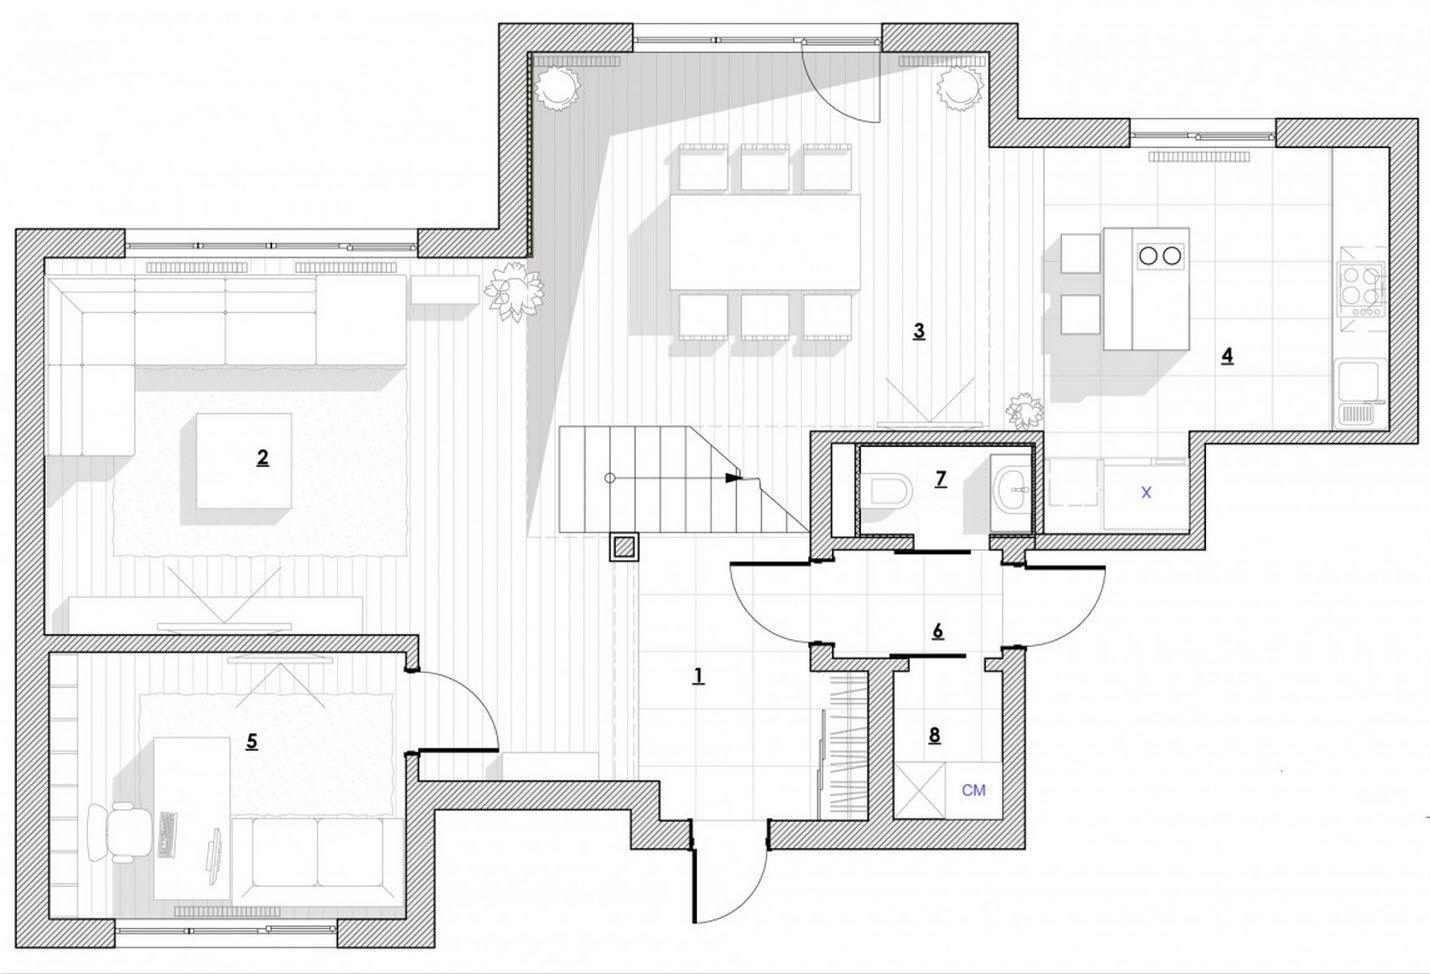 Dise o de casa moderna de dos plantas incluimos los for Casa moderna autocad